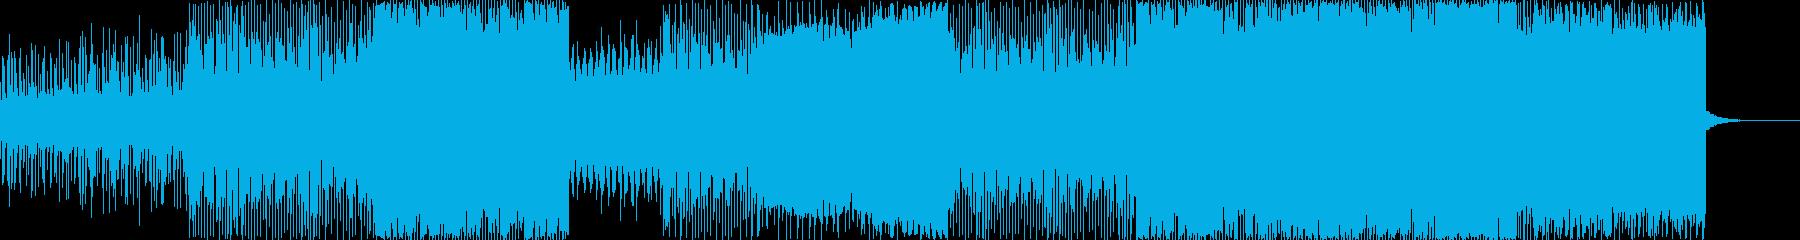 低音が響くシンセウェイブの再生済みの波形